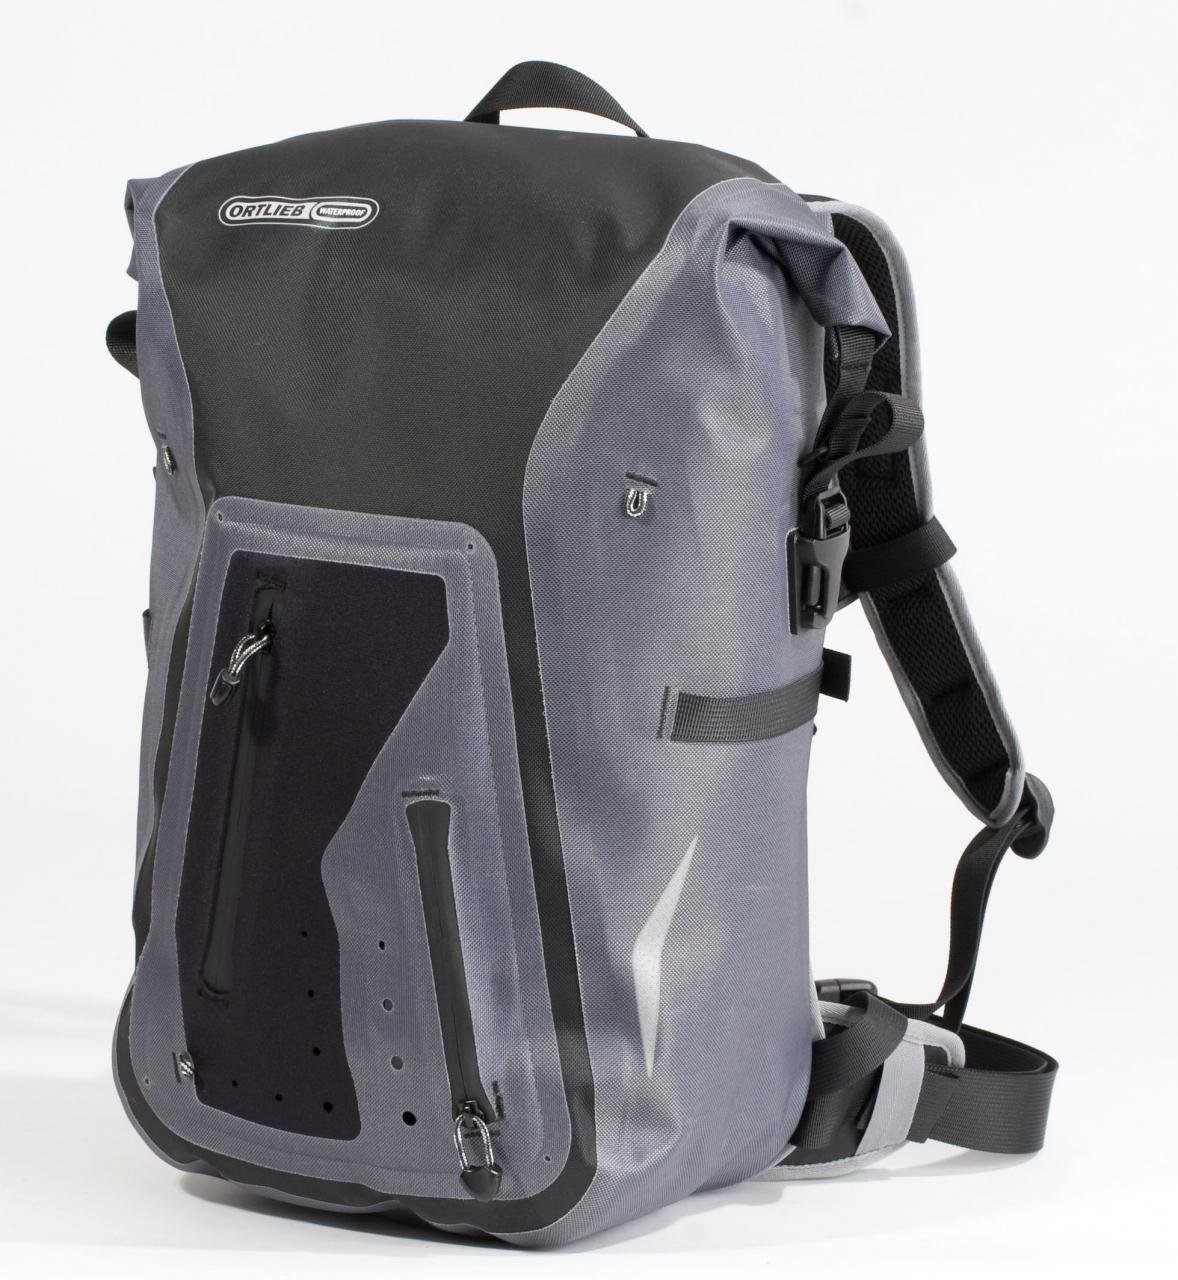 e323608dd6b Ortlieb Packman Pro 2 Rugzak Grijs/Zwart koop je bij Futurumshop.nl